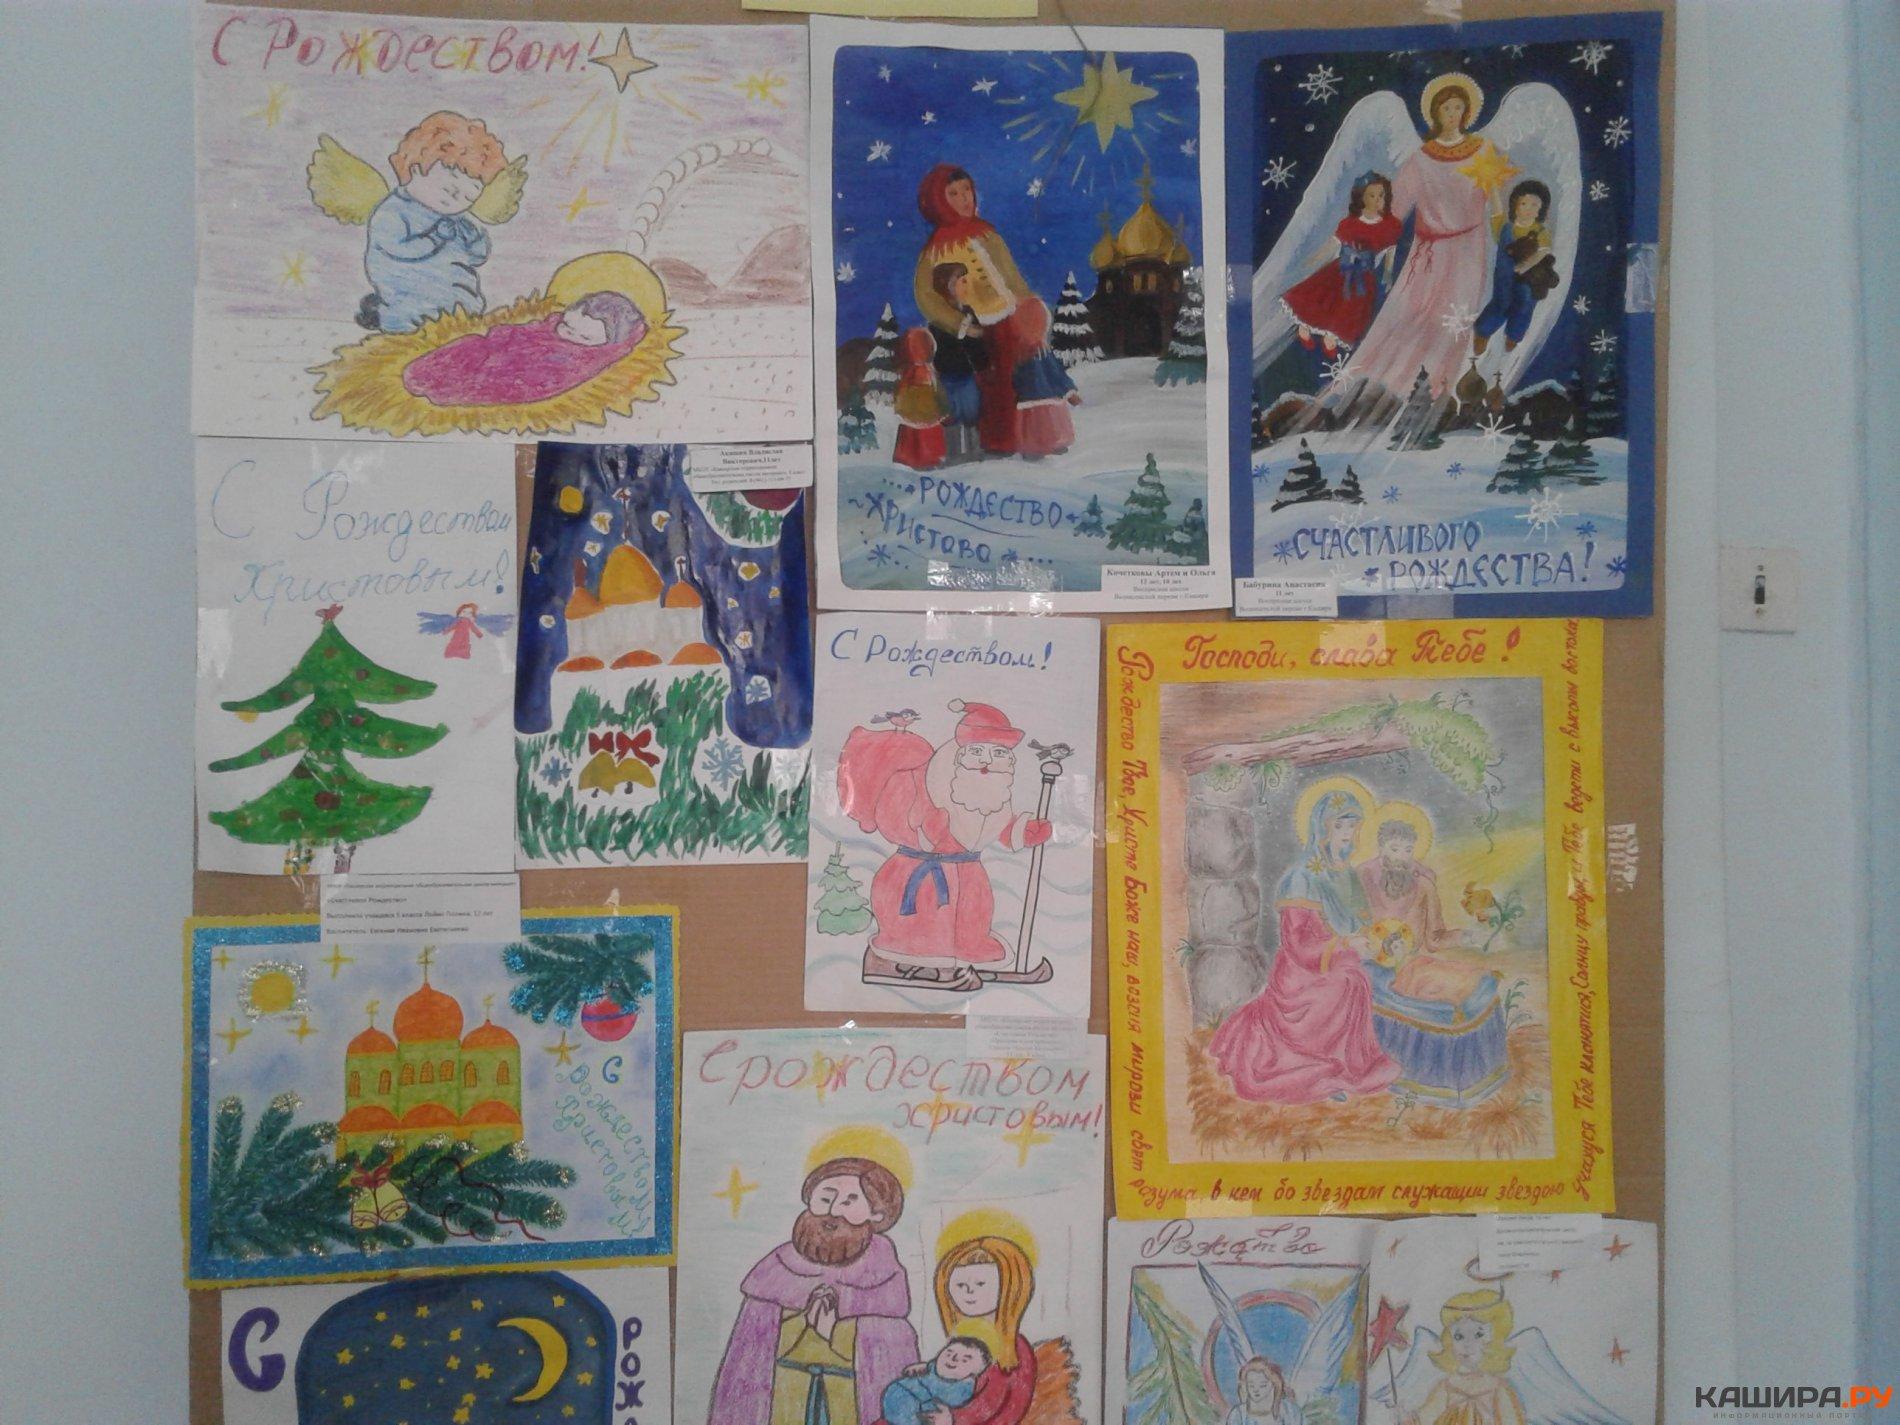 Конкурс волгоград рождественские открытки, любимому мужчине мне